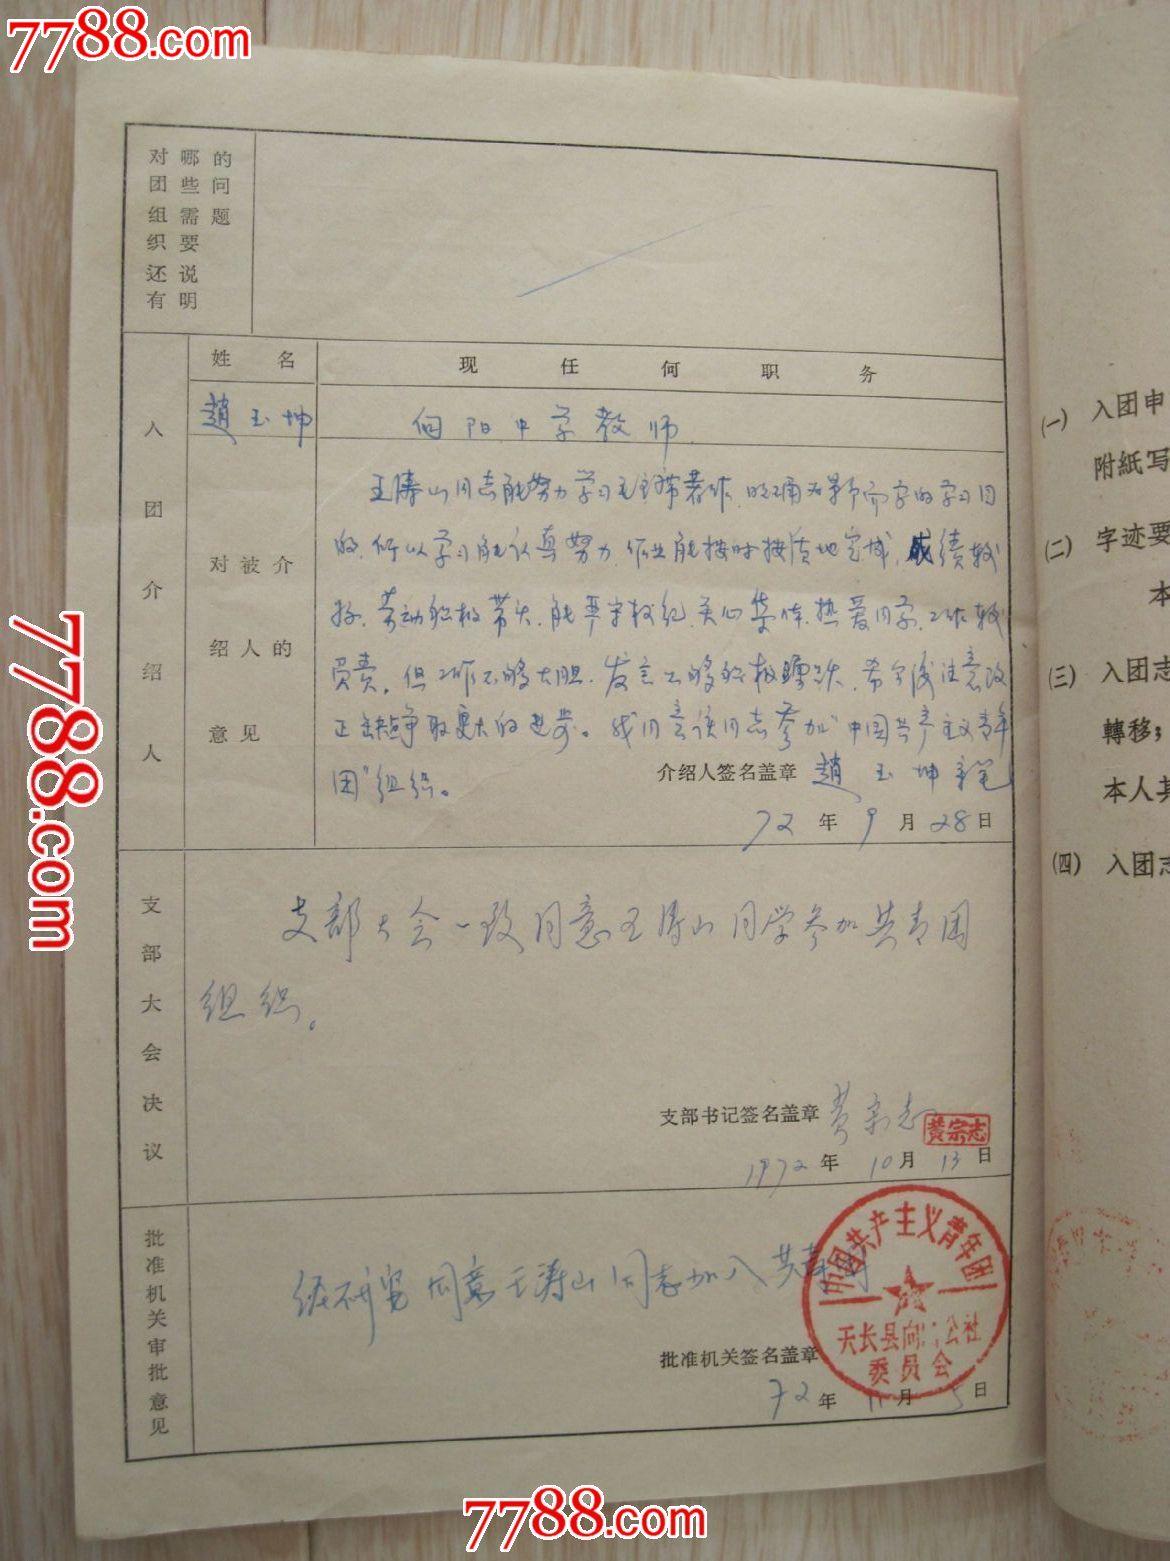 入团申请书-价格:80元-se21531205-申请书\/函-零售-中国收藏热线